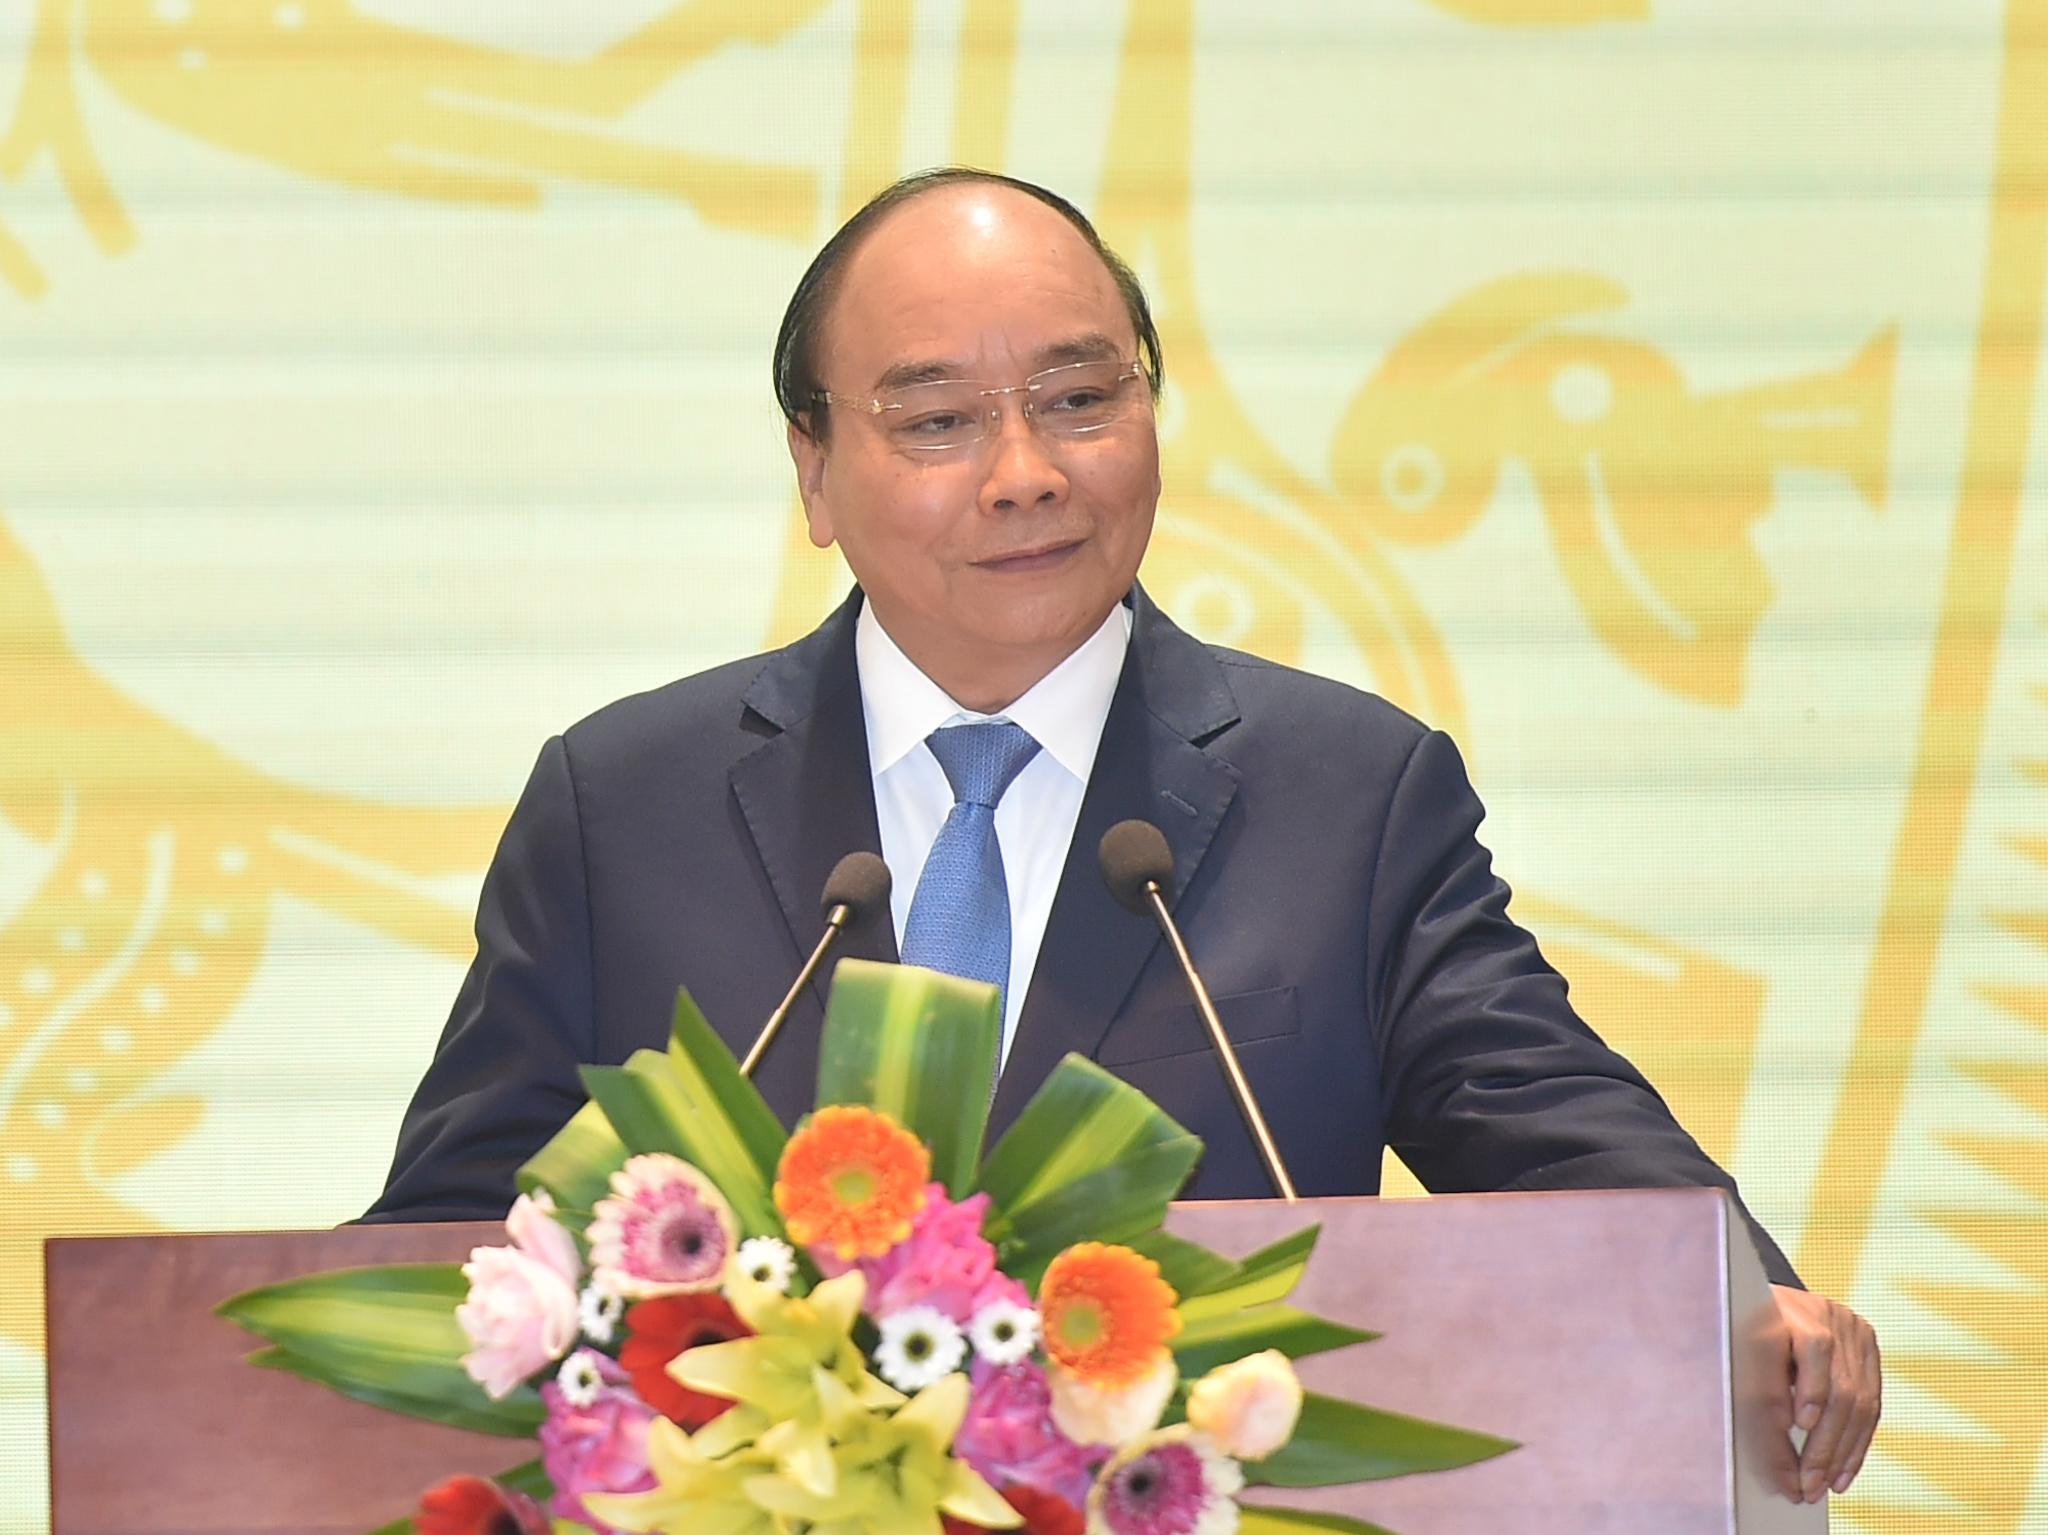 Thủ tướng: Ngân hàng chưa nhằm mục tiêu lợi nhuận trong bối cảnh khó khăn - Ảnh 1.